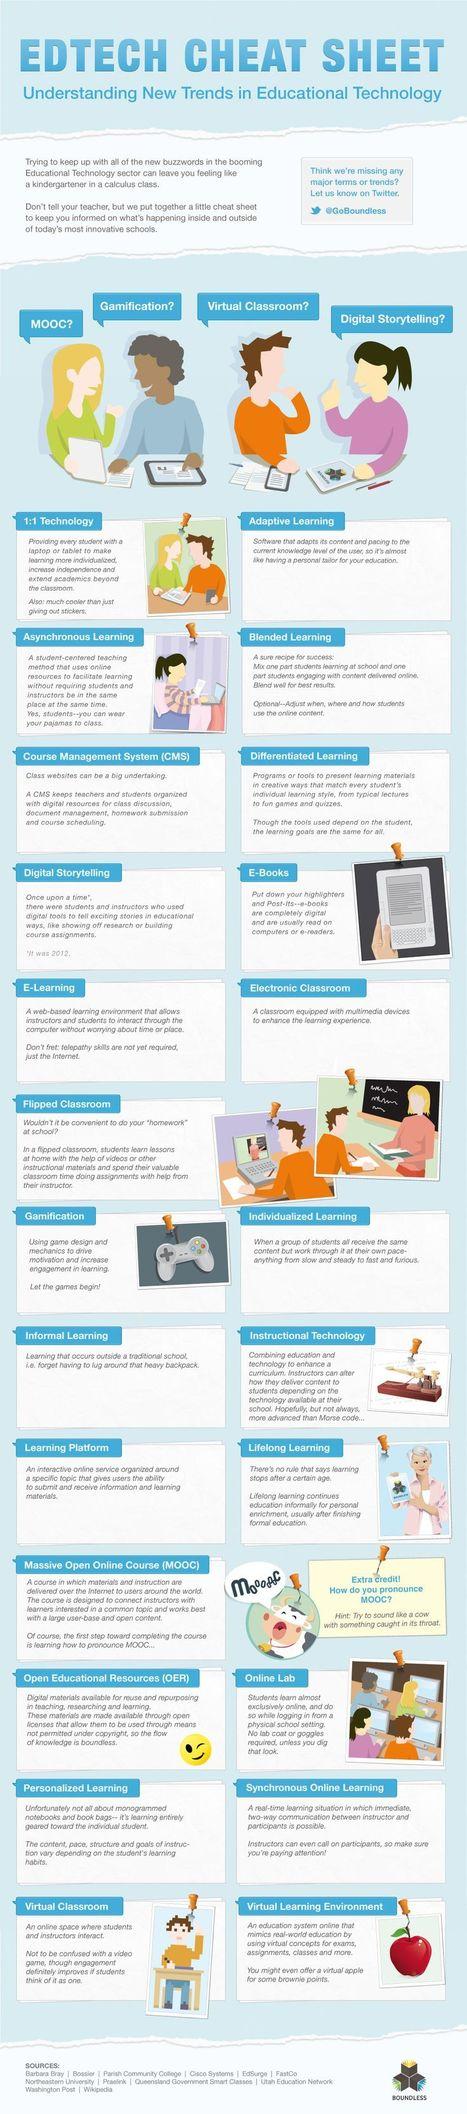 Infographie : Ed-Tech Cheat Sheet | Sciences du numérique et e-education | Scoop.it